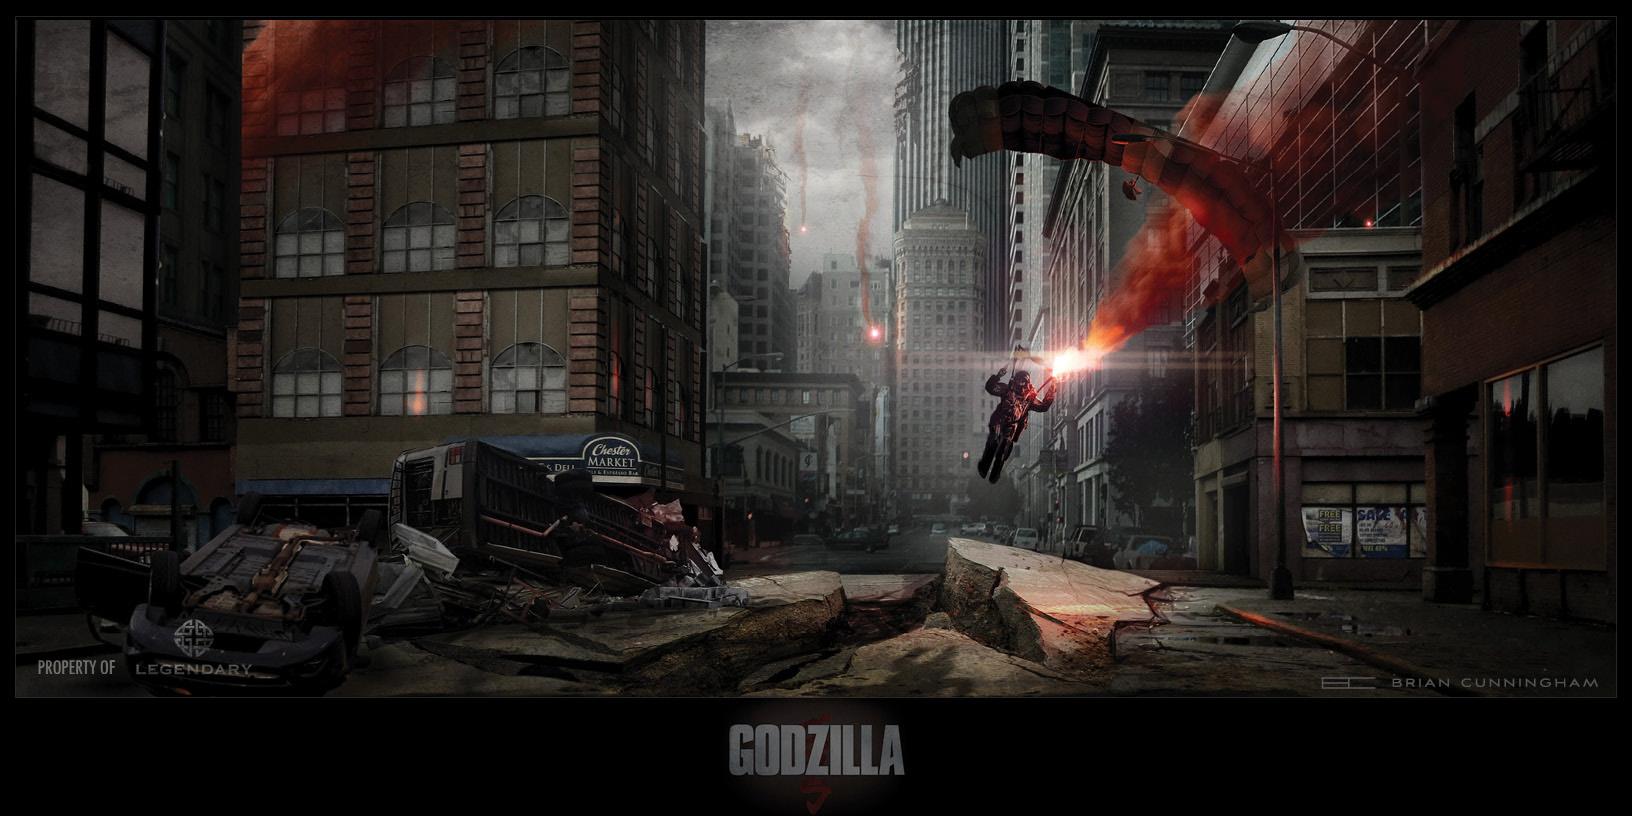 Godzilla Concept Art by Brian Cunningham